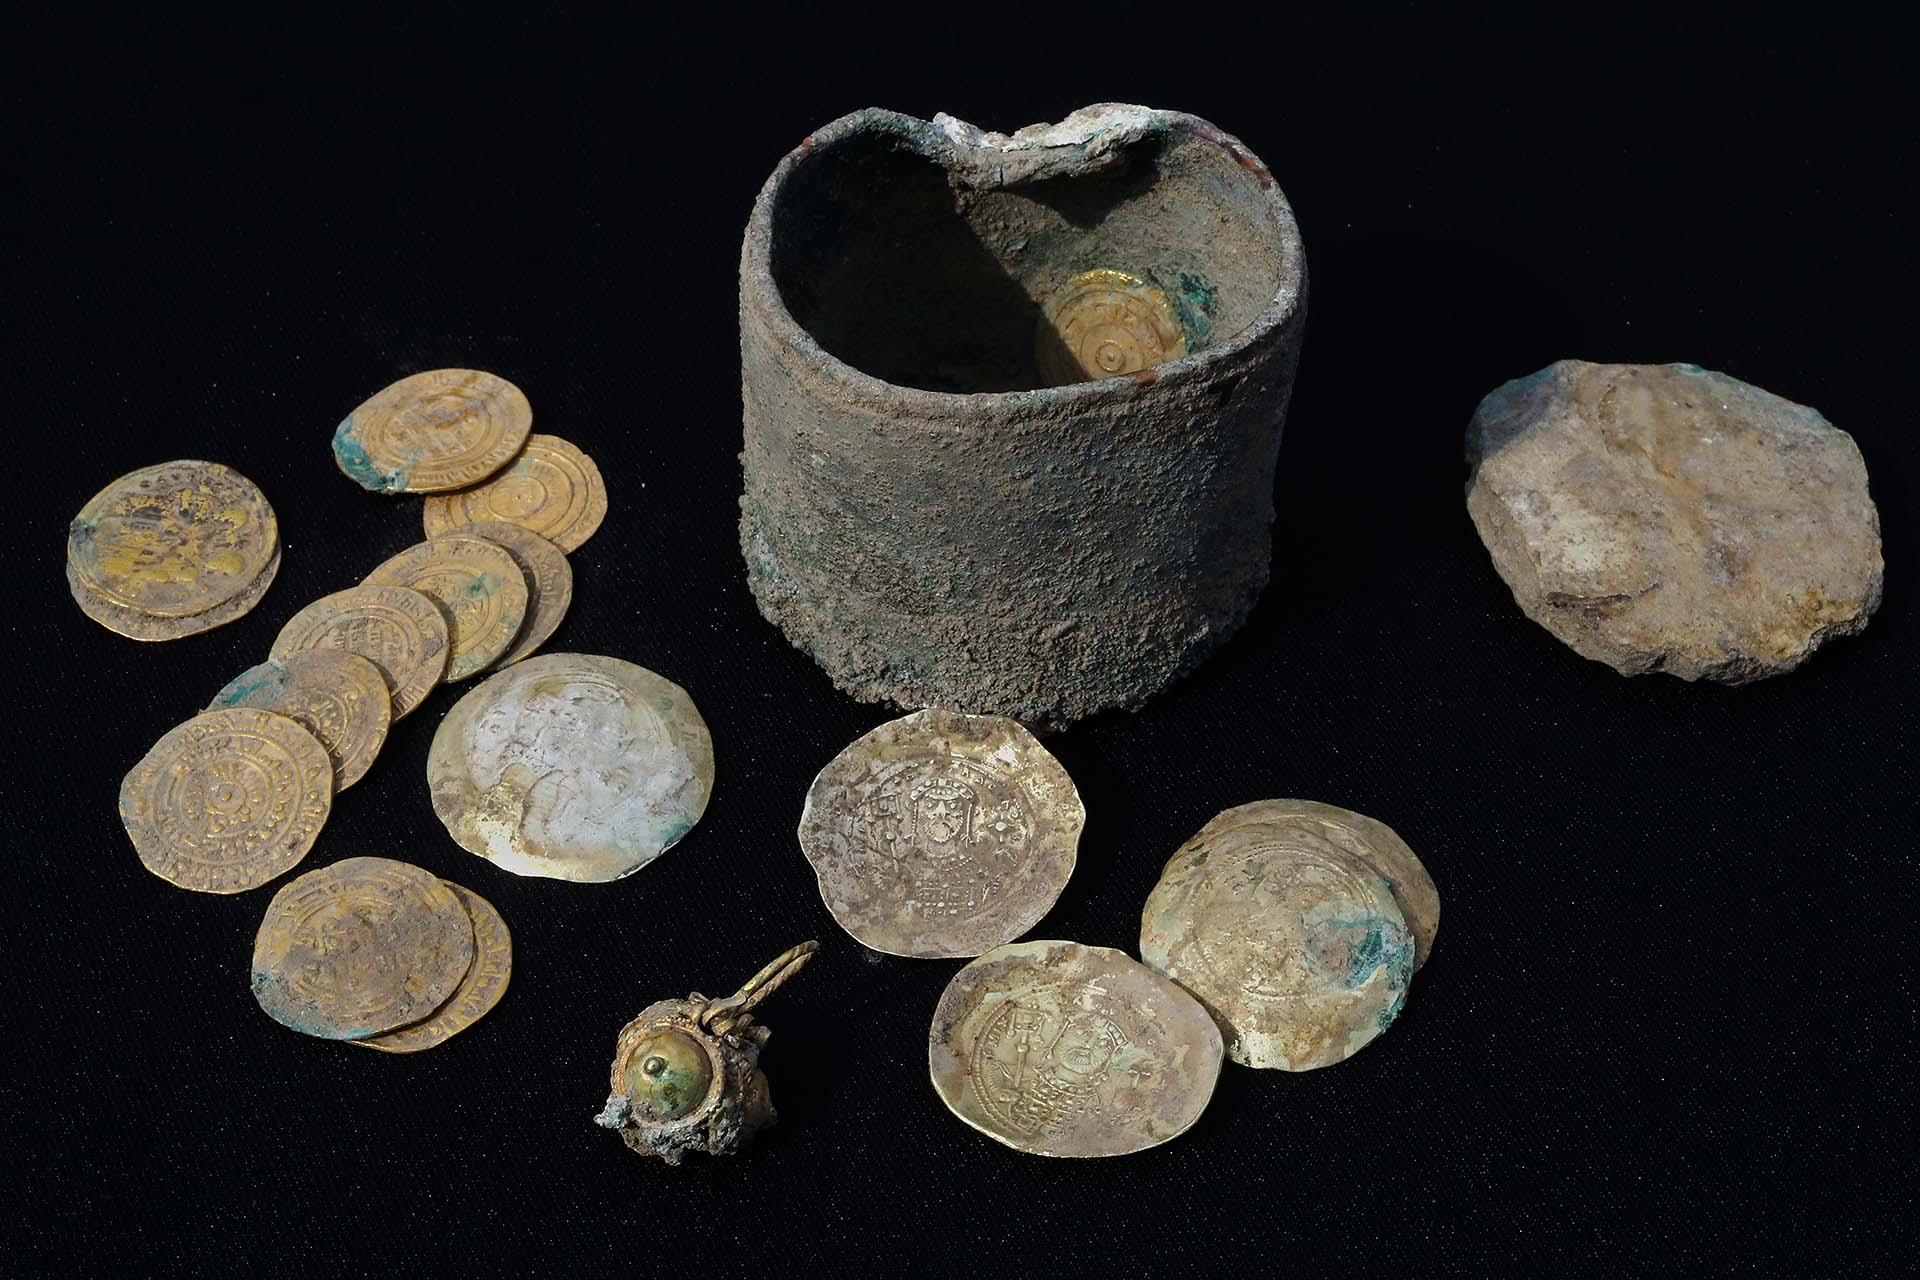 """""""Entra dentro de lo razonable asumir que el dueño del tesoro y su familia perecieron en la masacre o fueron vendidos como esclavos, y por lo tanto no pudieron recuperar su oro"""", señalan los arqueólogos"""